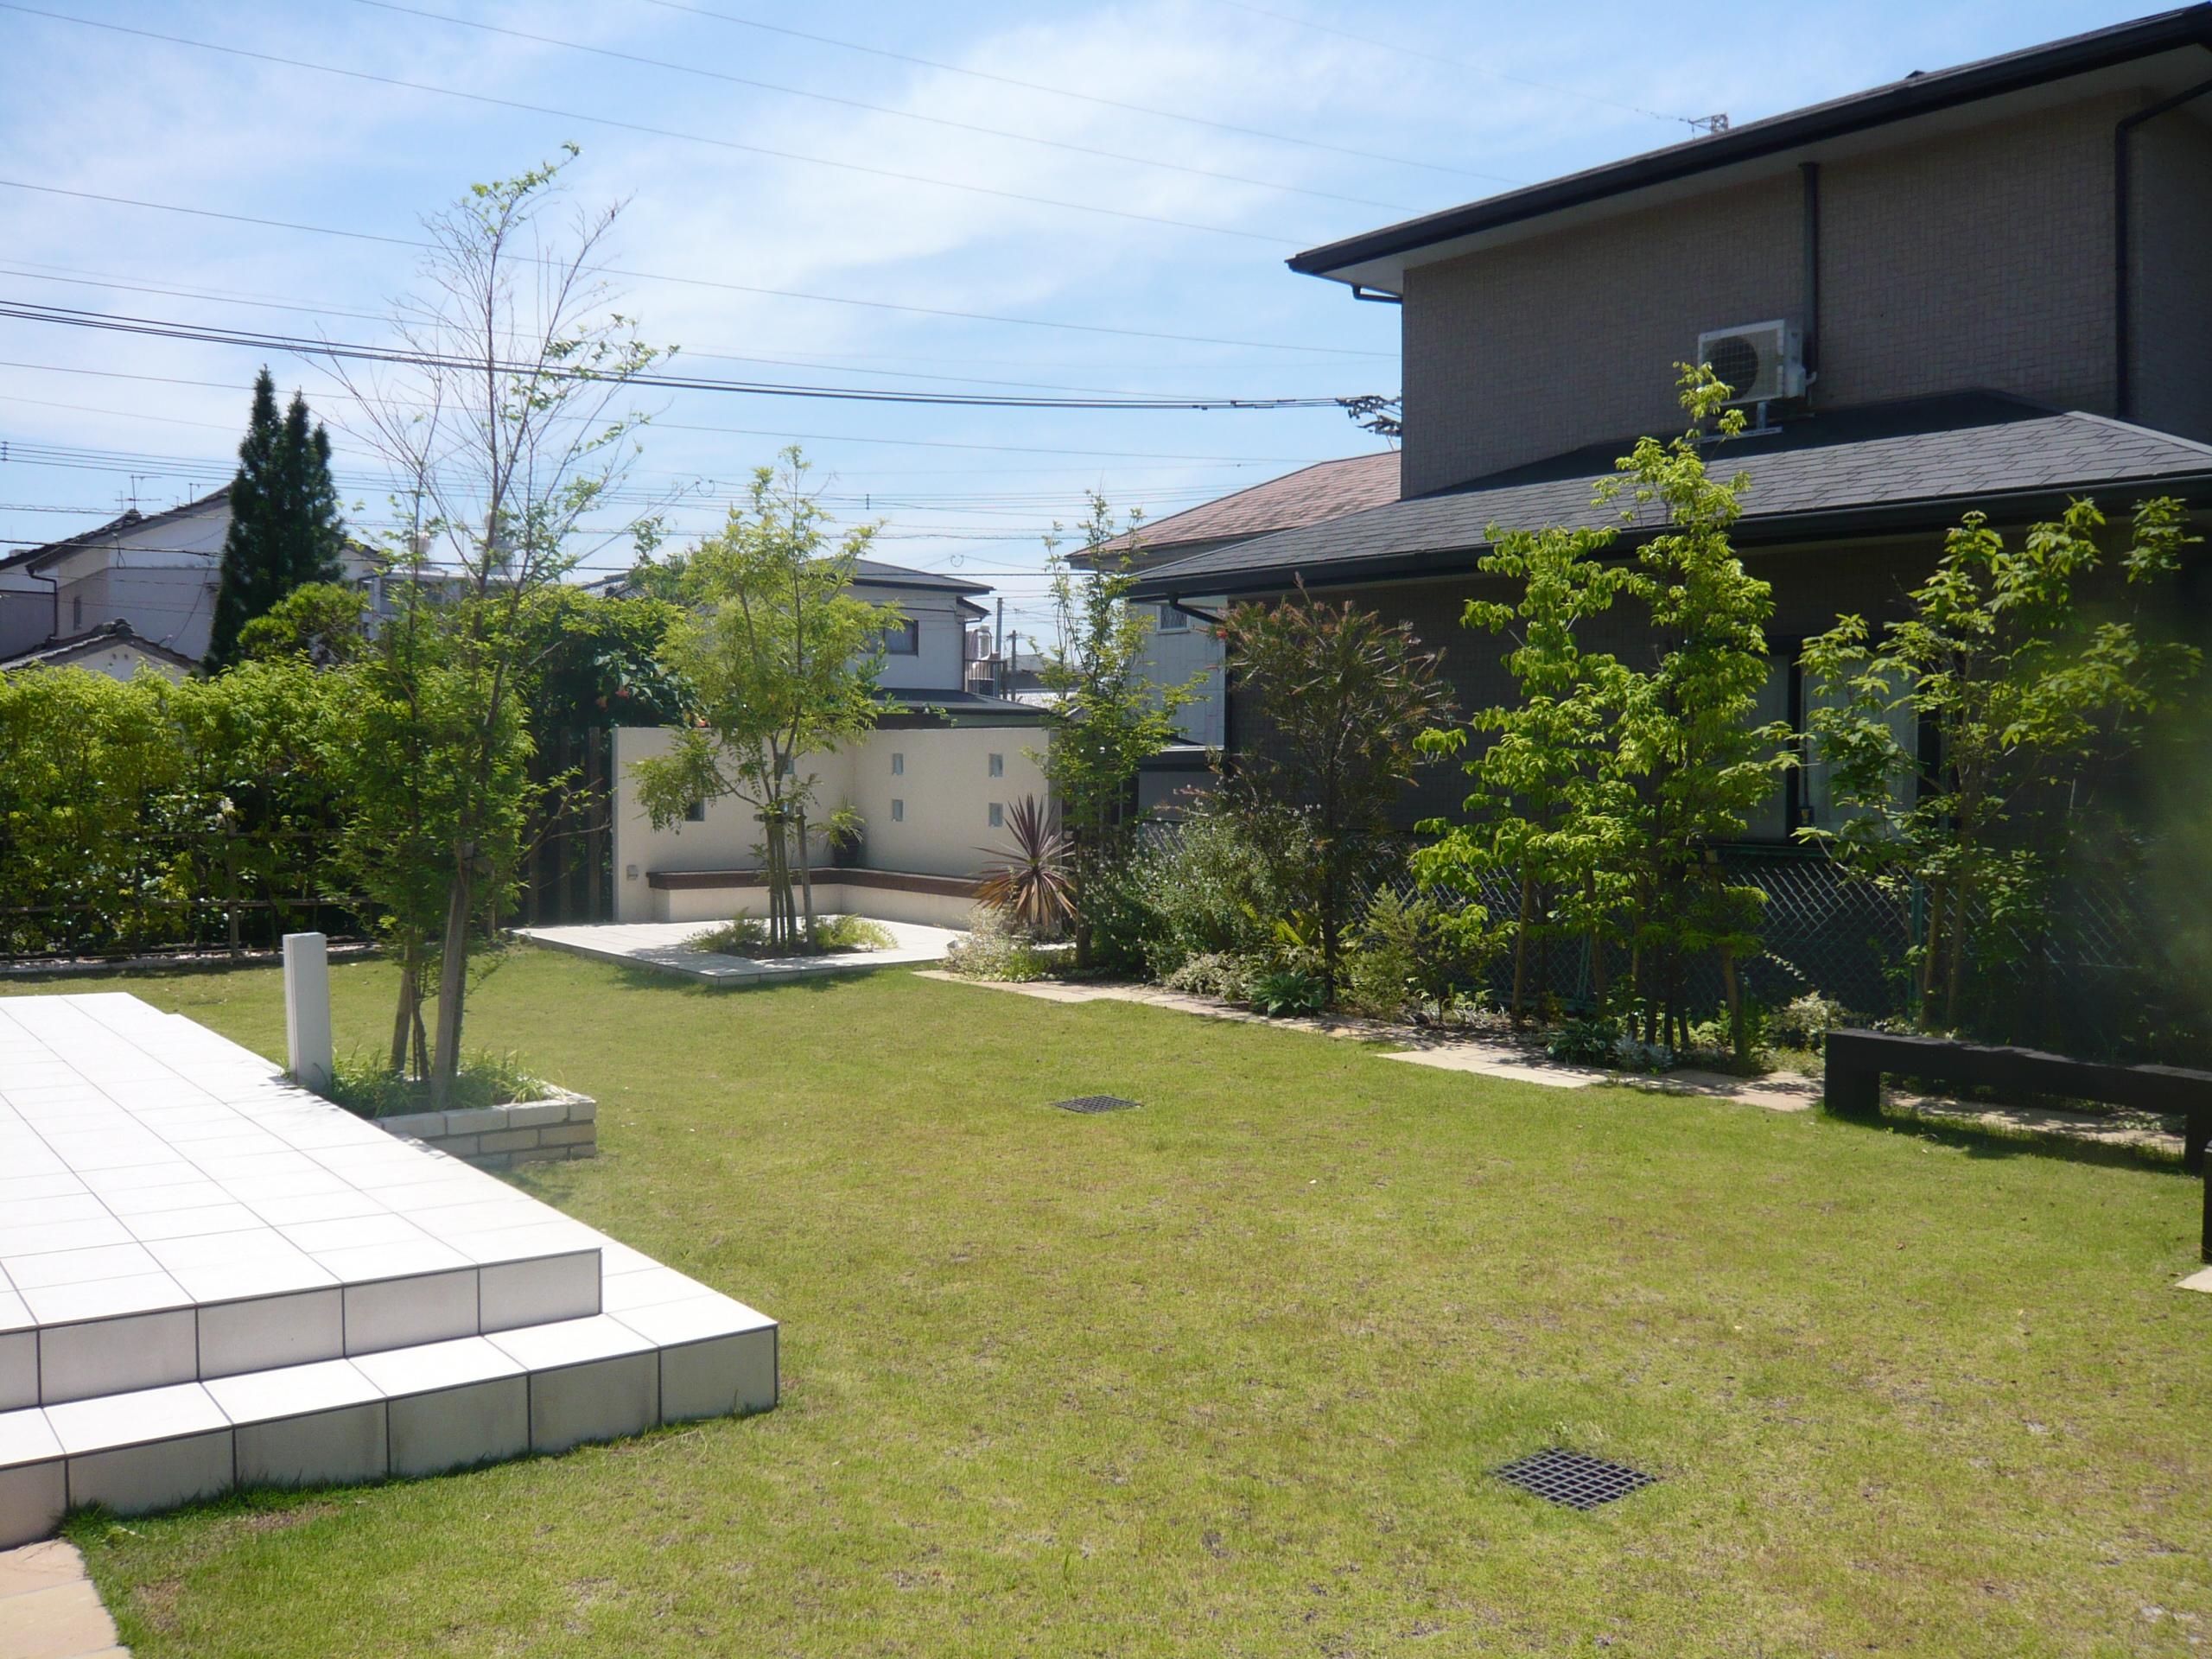 広いタイルテラスと広い芝生のお庭